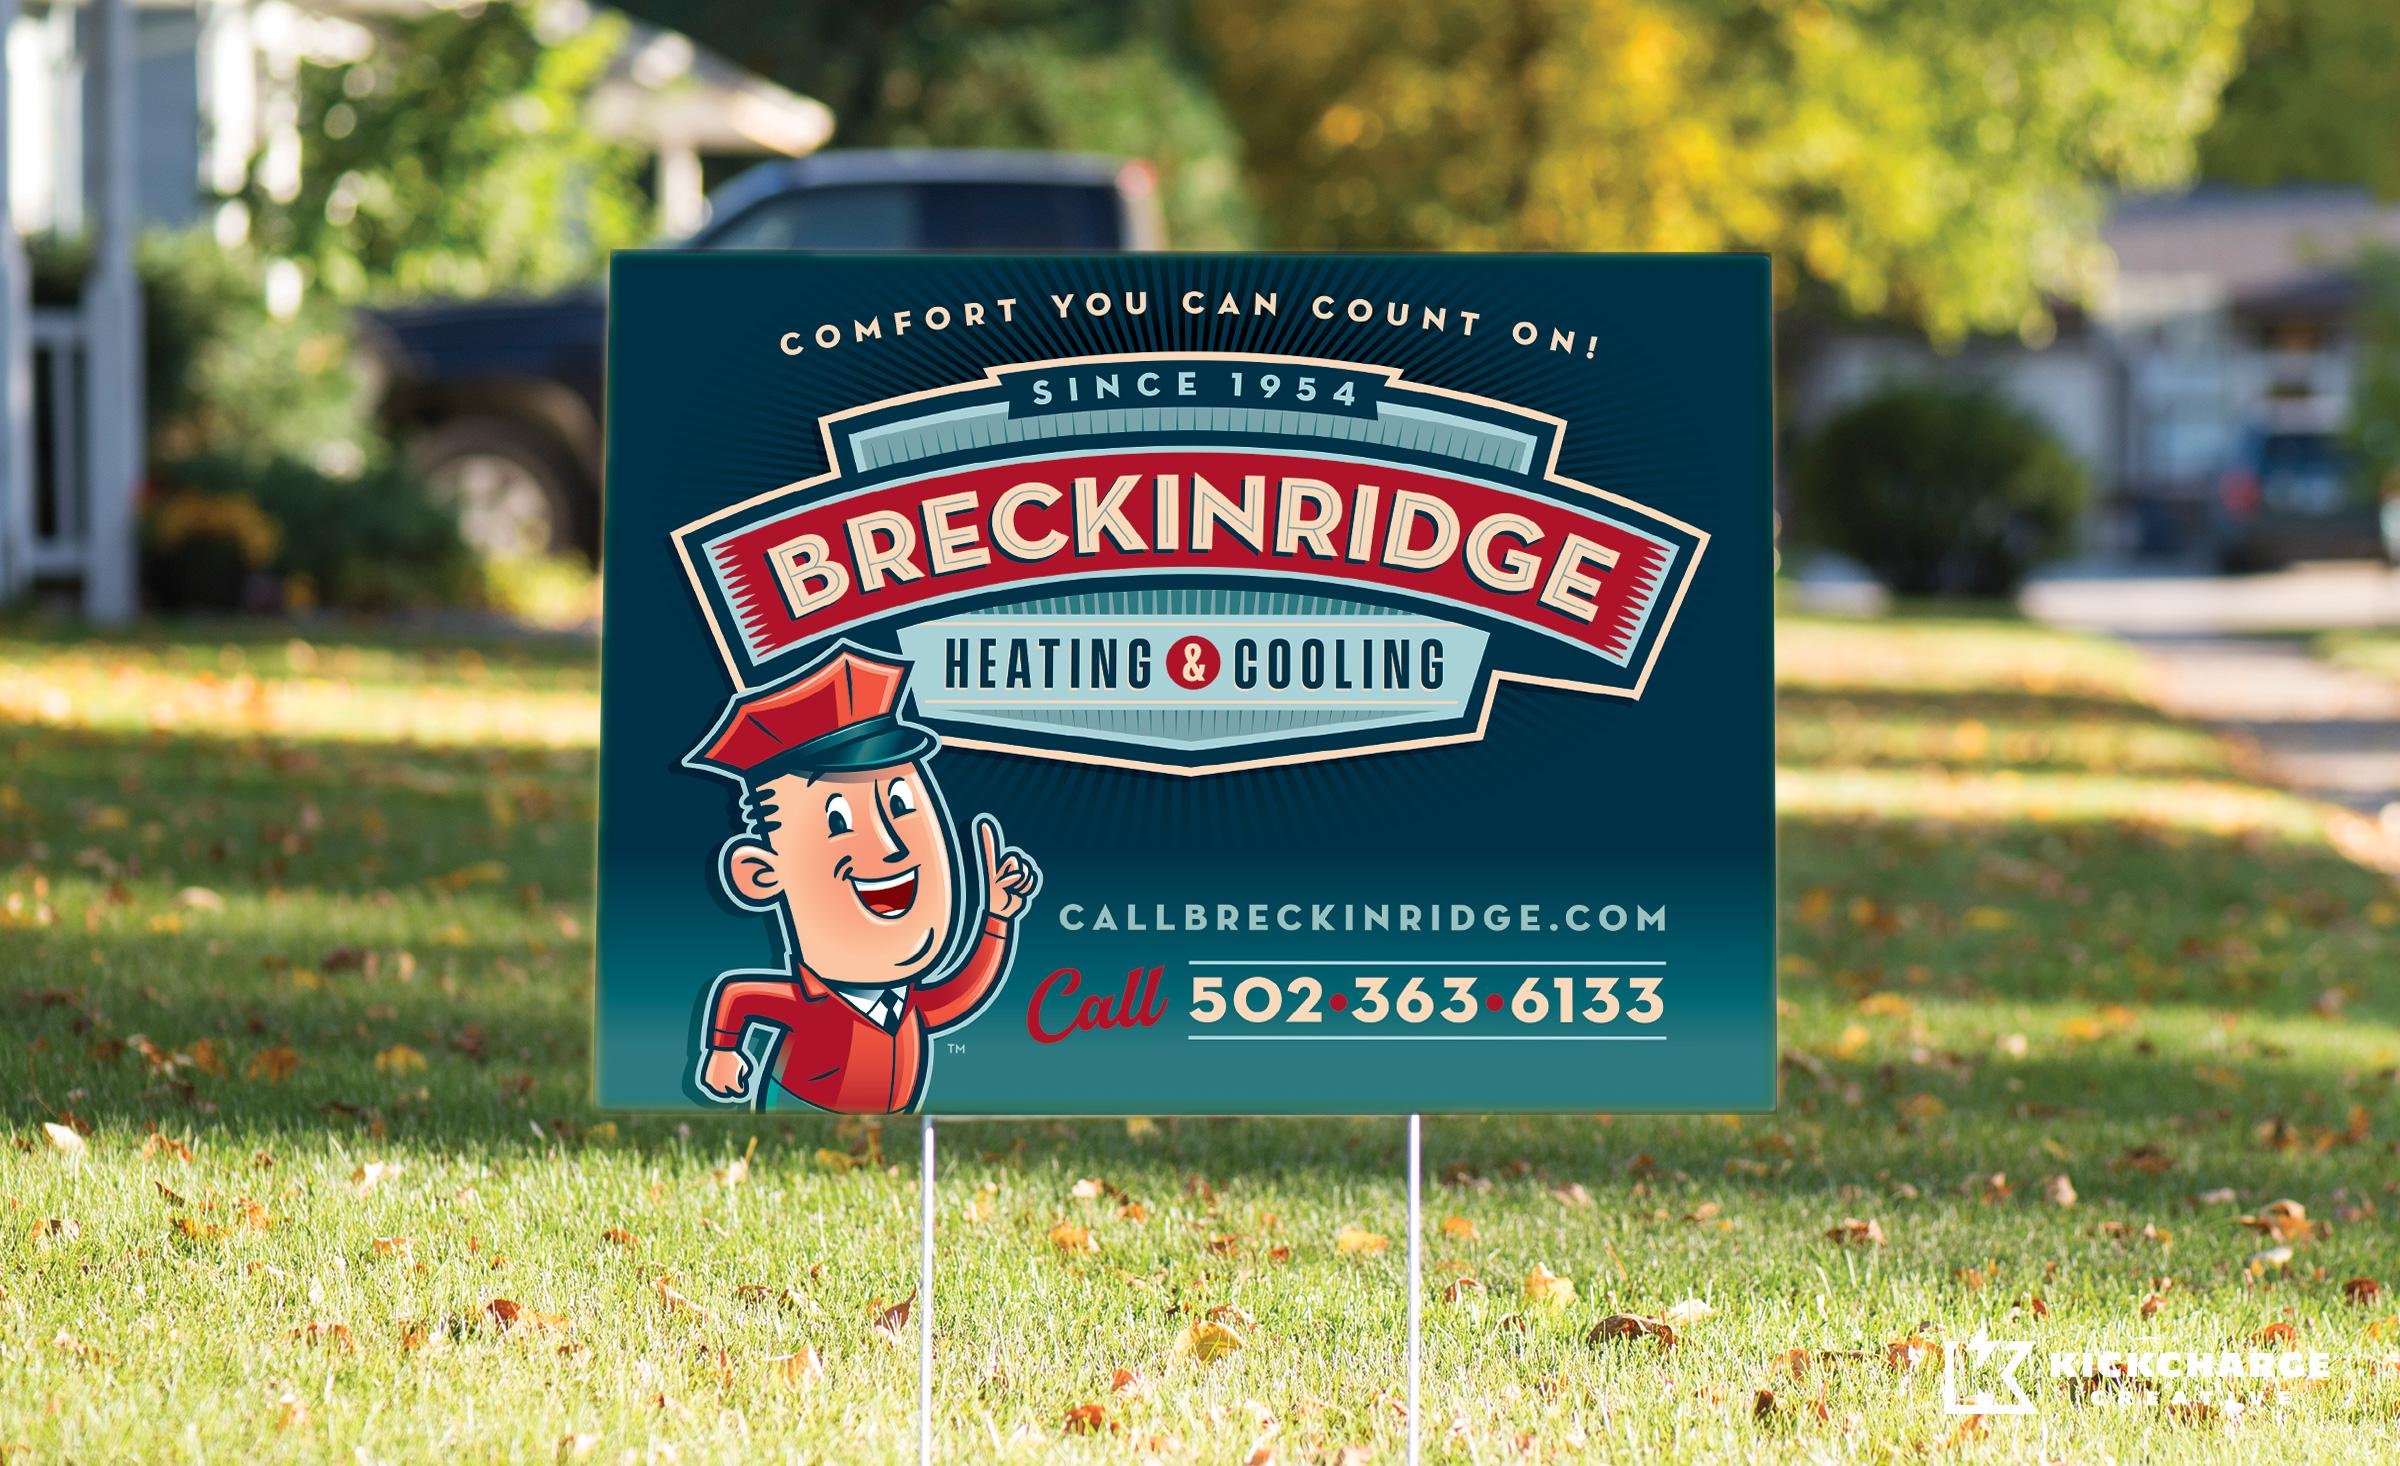 hvac yard sign for Breckinridge Heating & Cooling